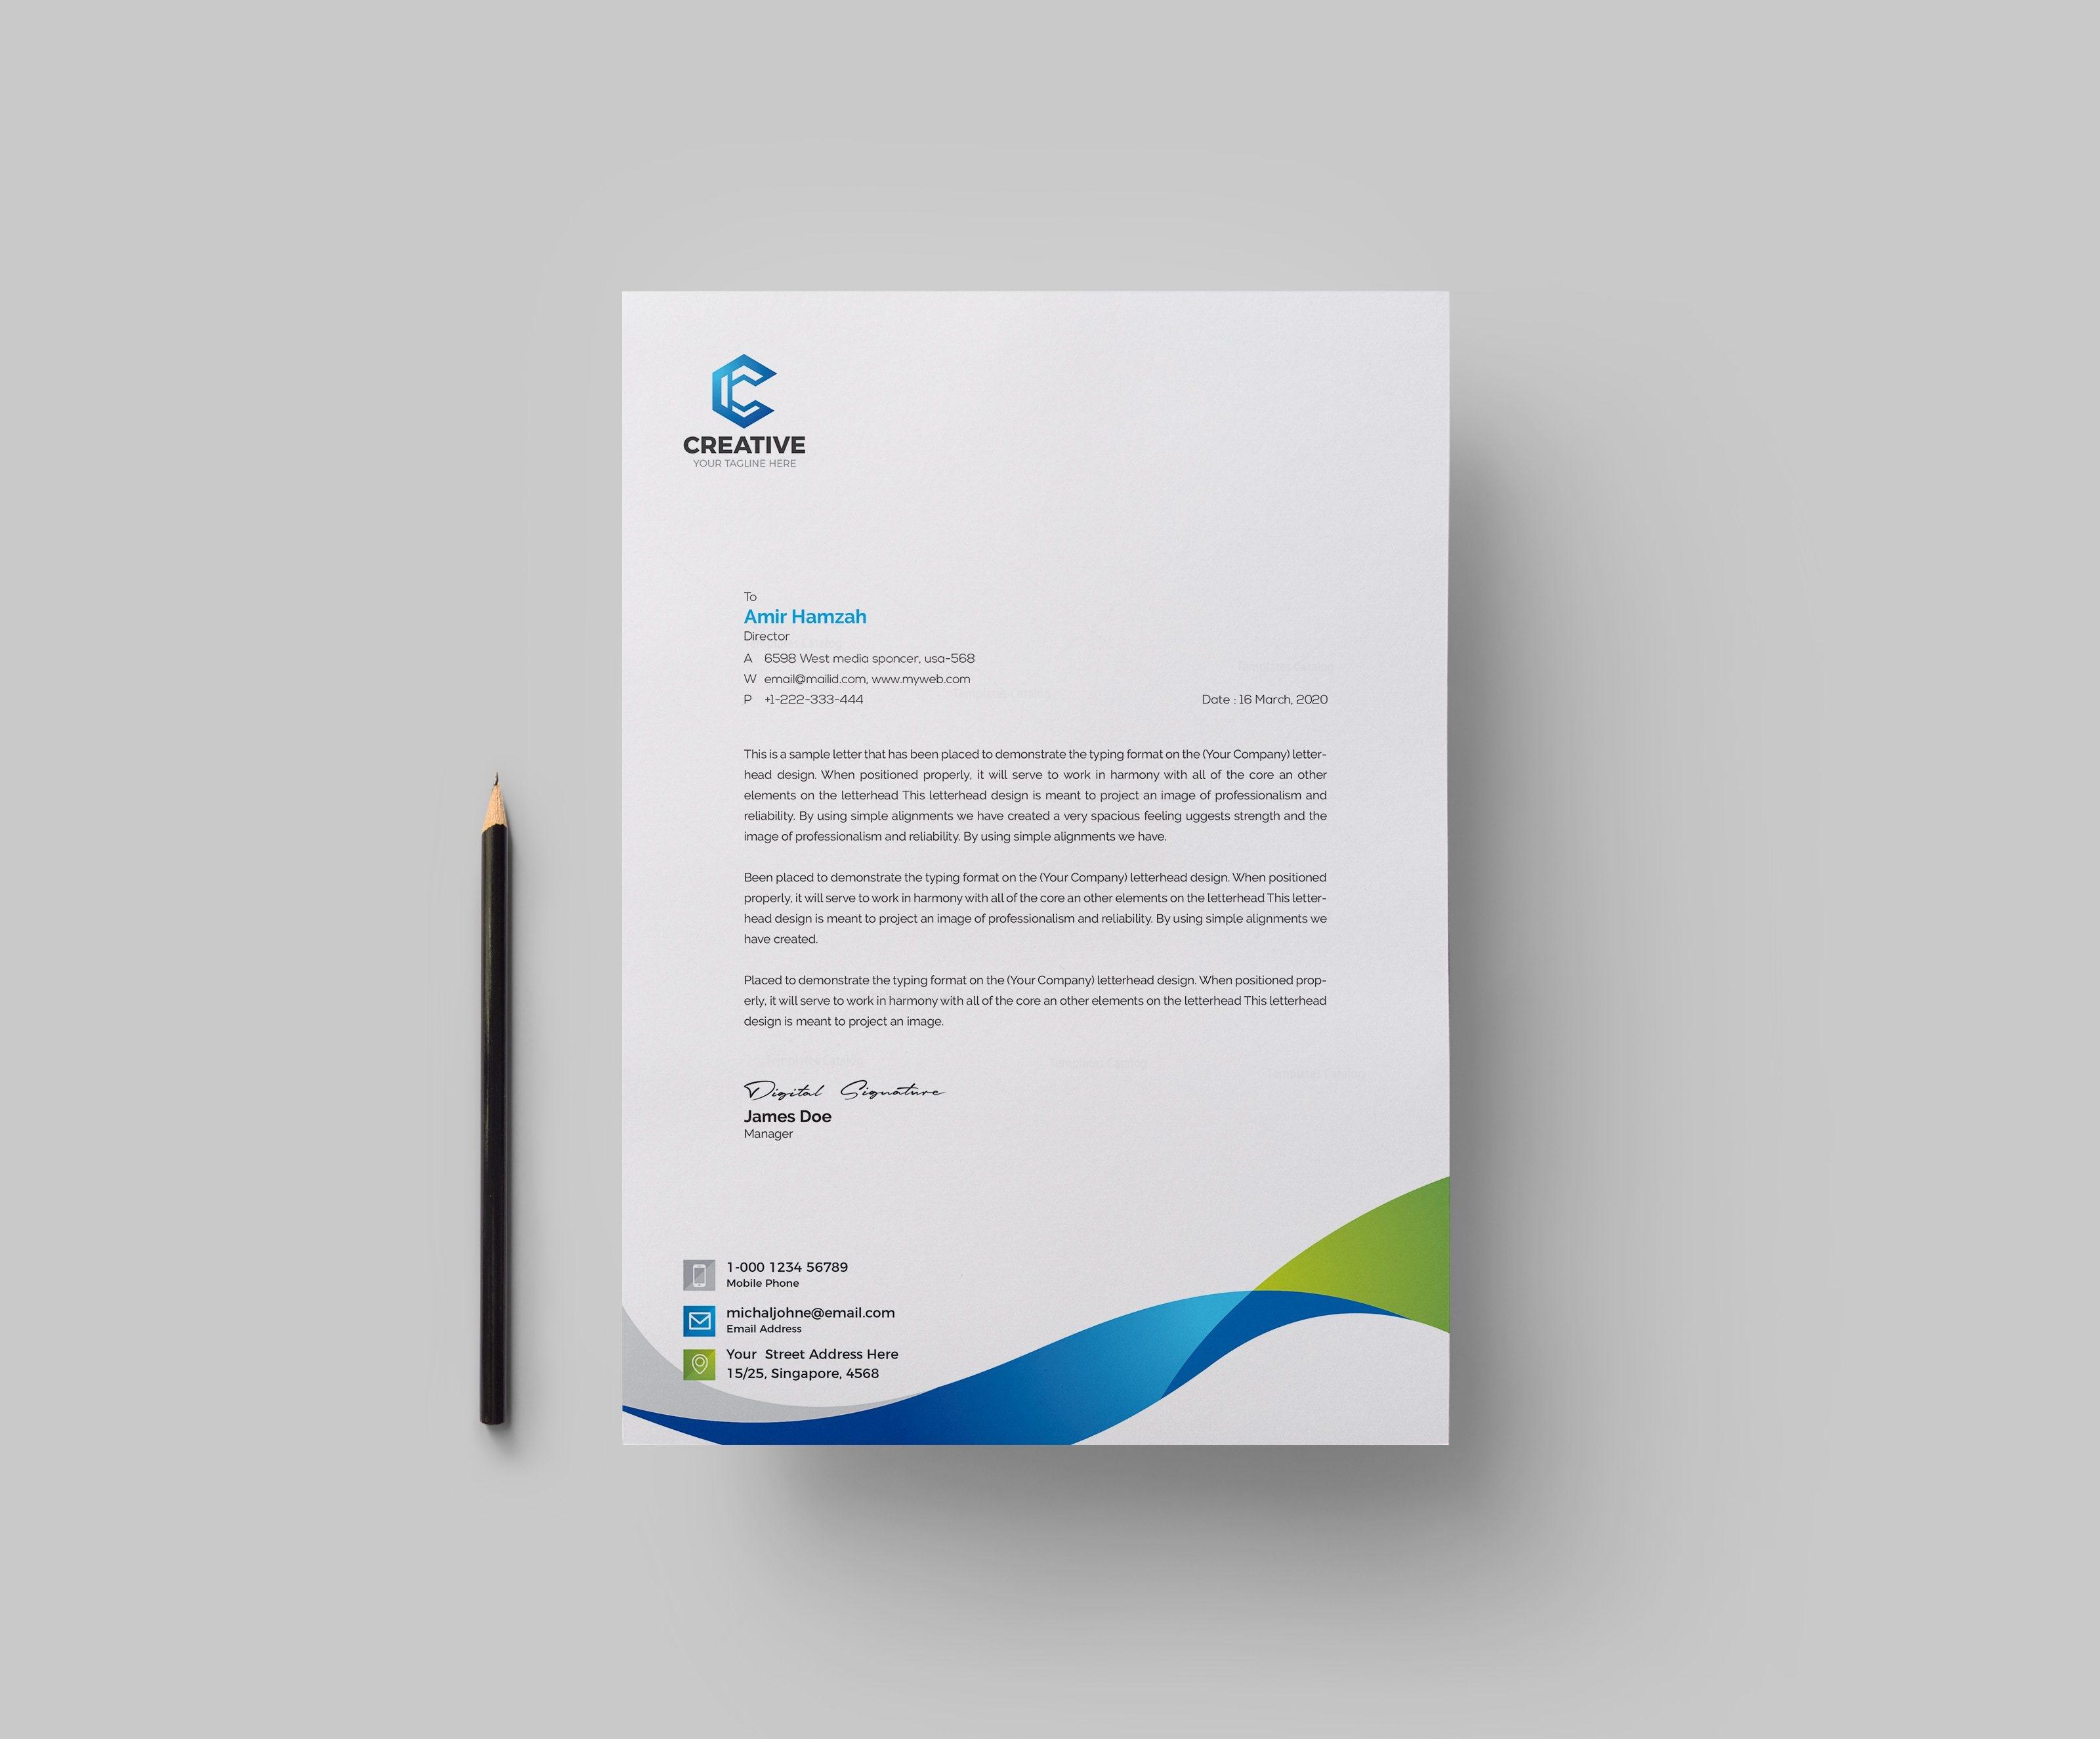 creative corporate letterhead design template 001960